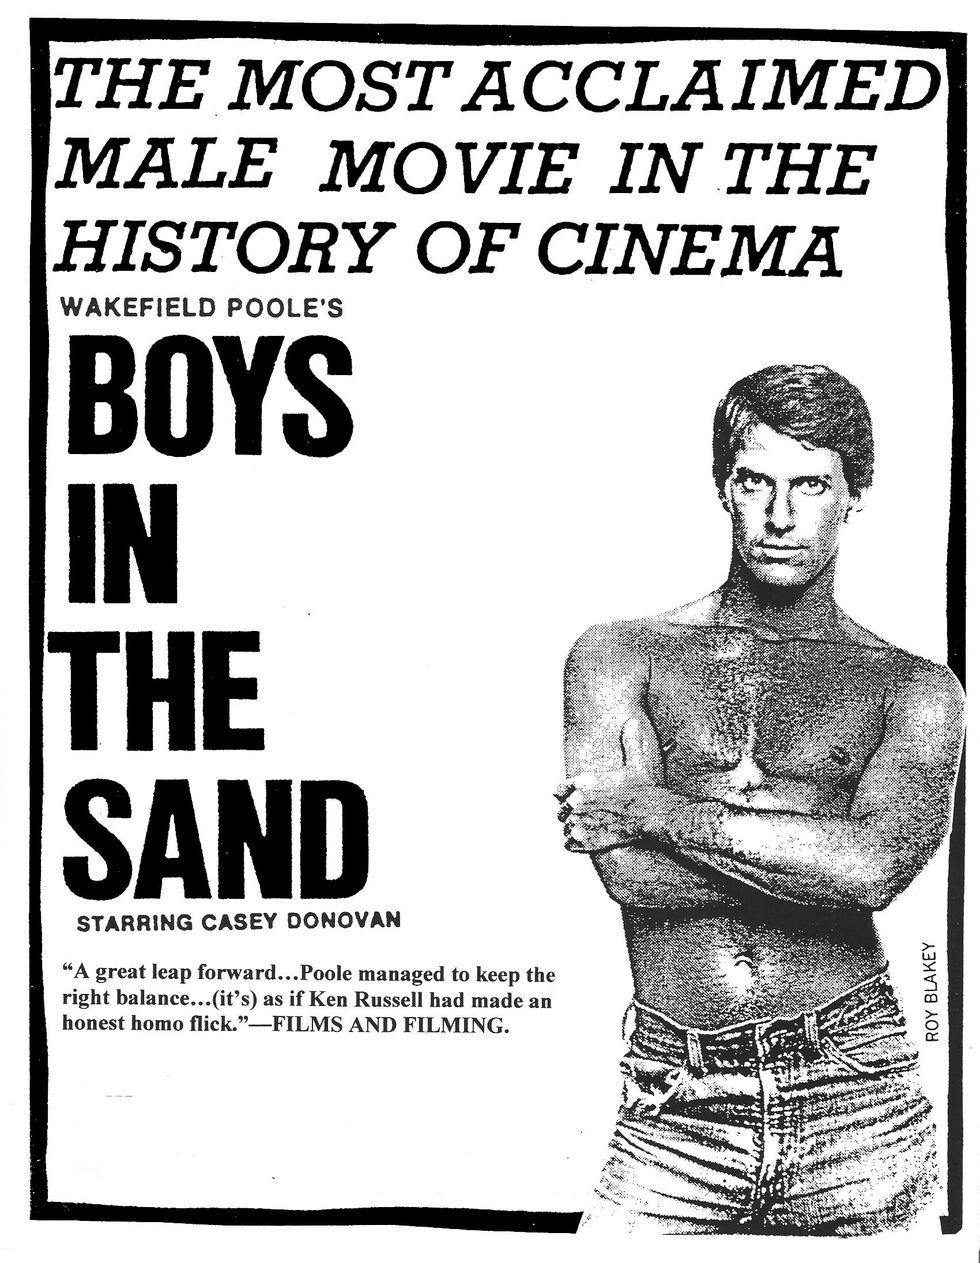 Plakat promujacy film porno ze skserowanym zdjeciem mezyczyzny z nagim torsem - Boys in the sand